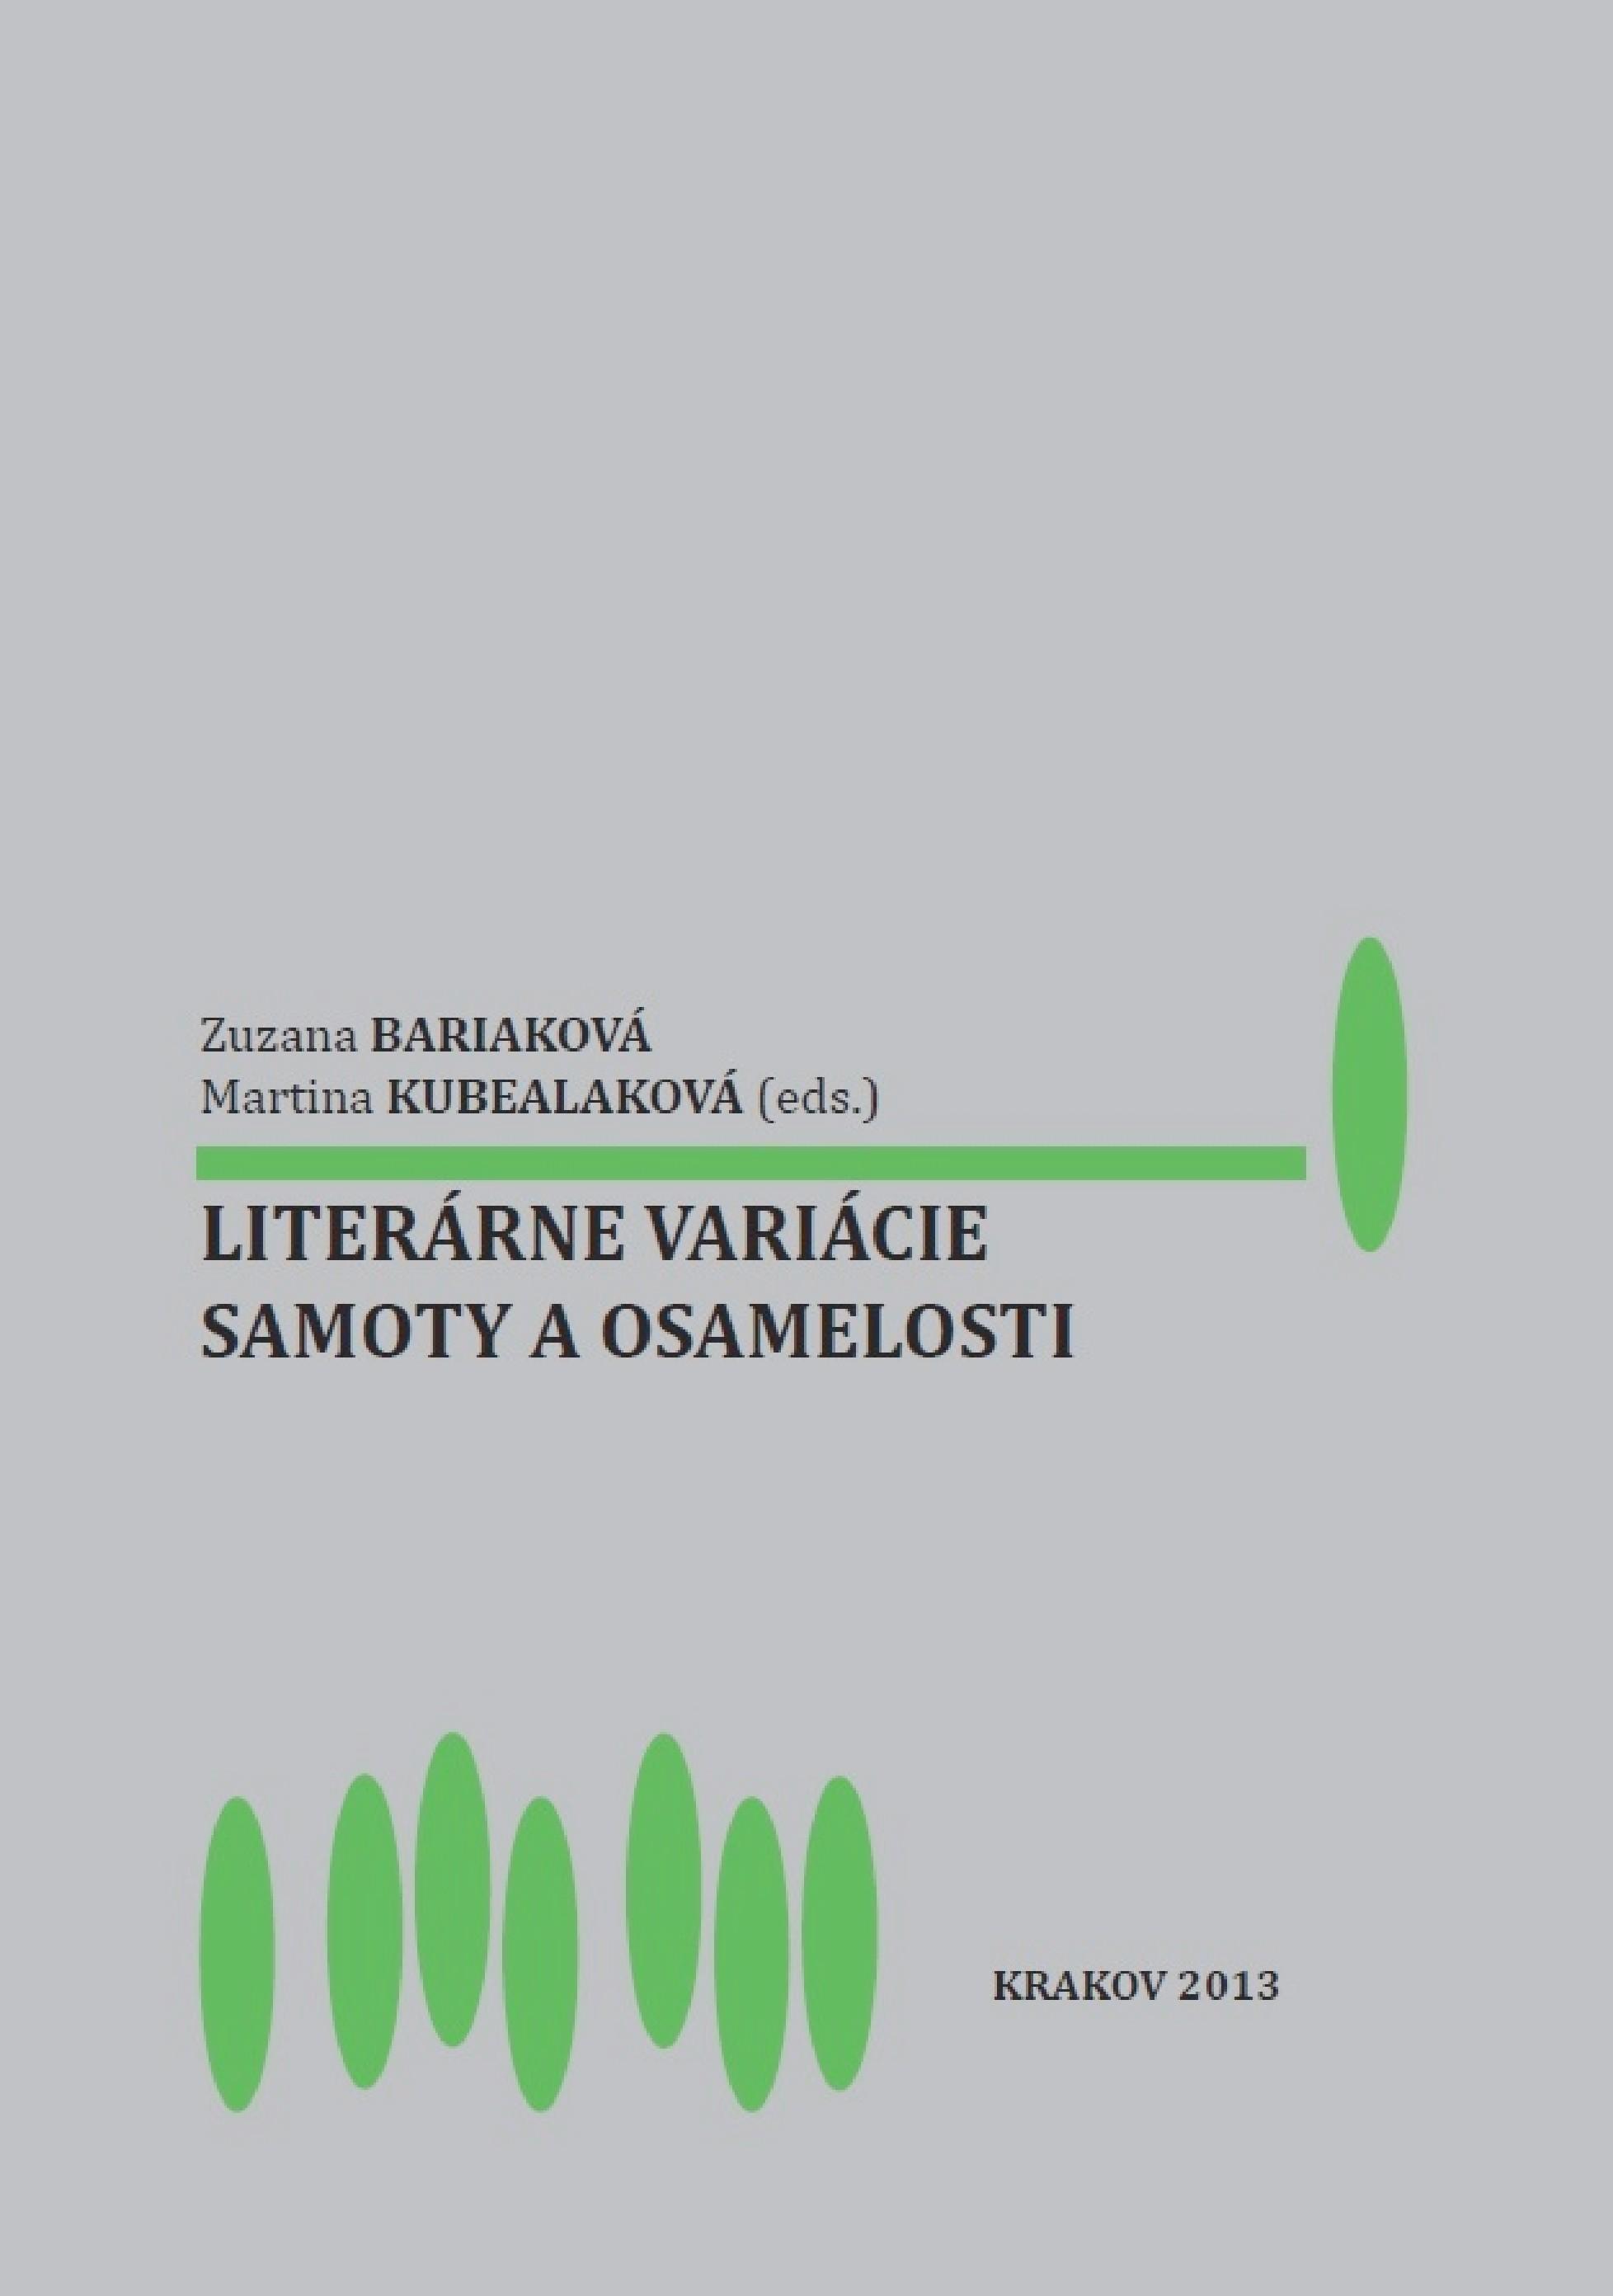 Literárne variácie samoty a osamelosti